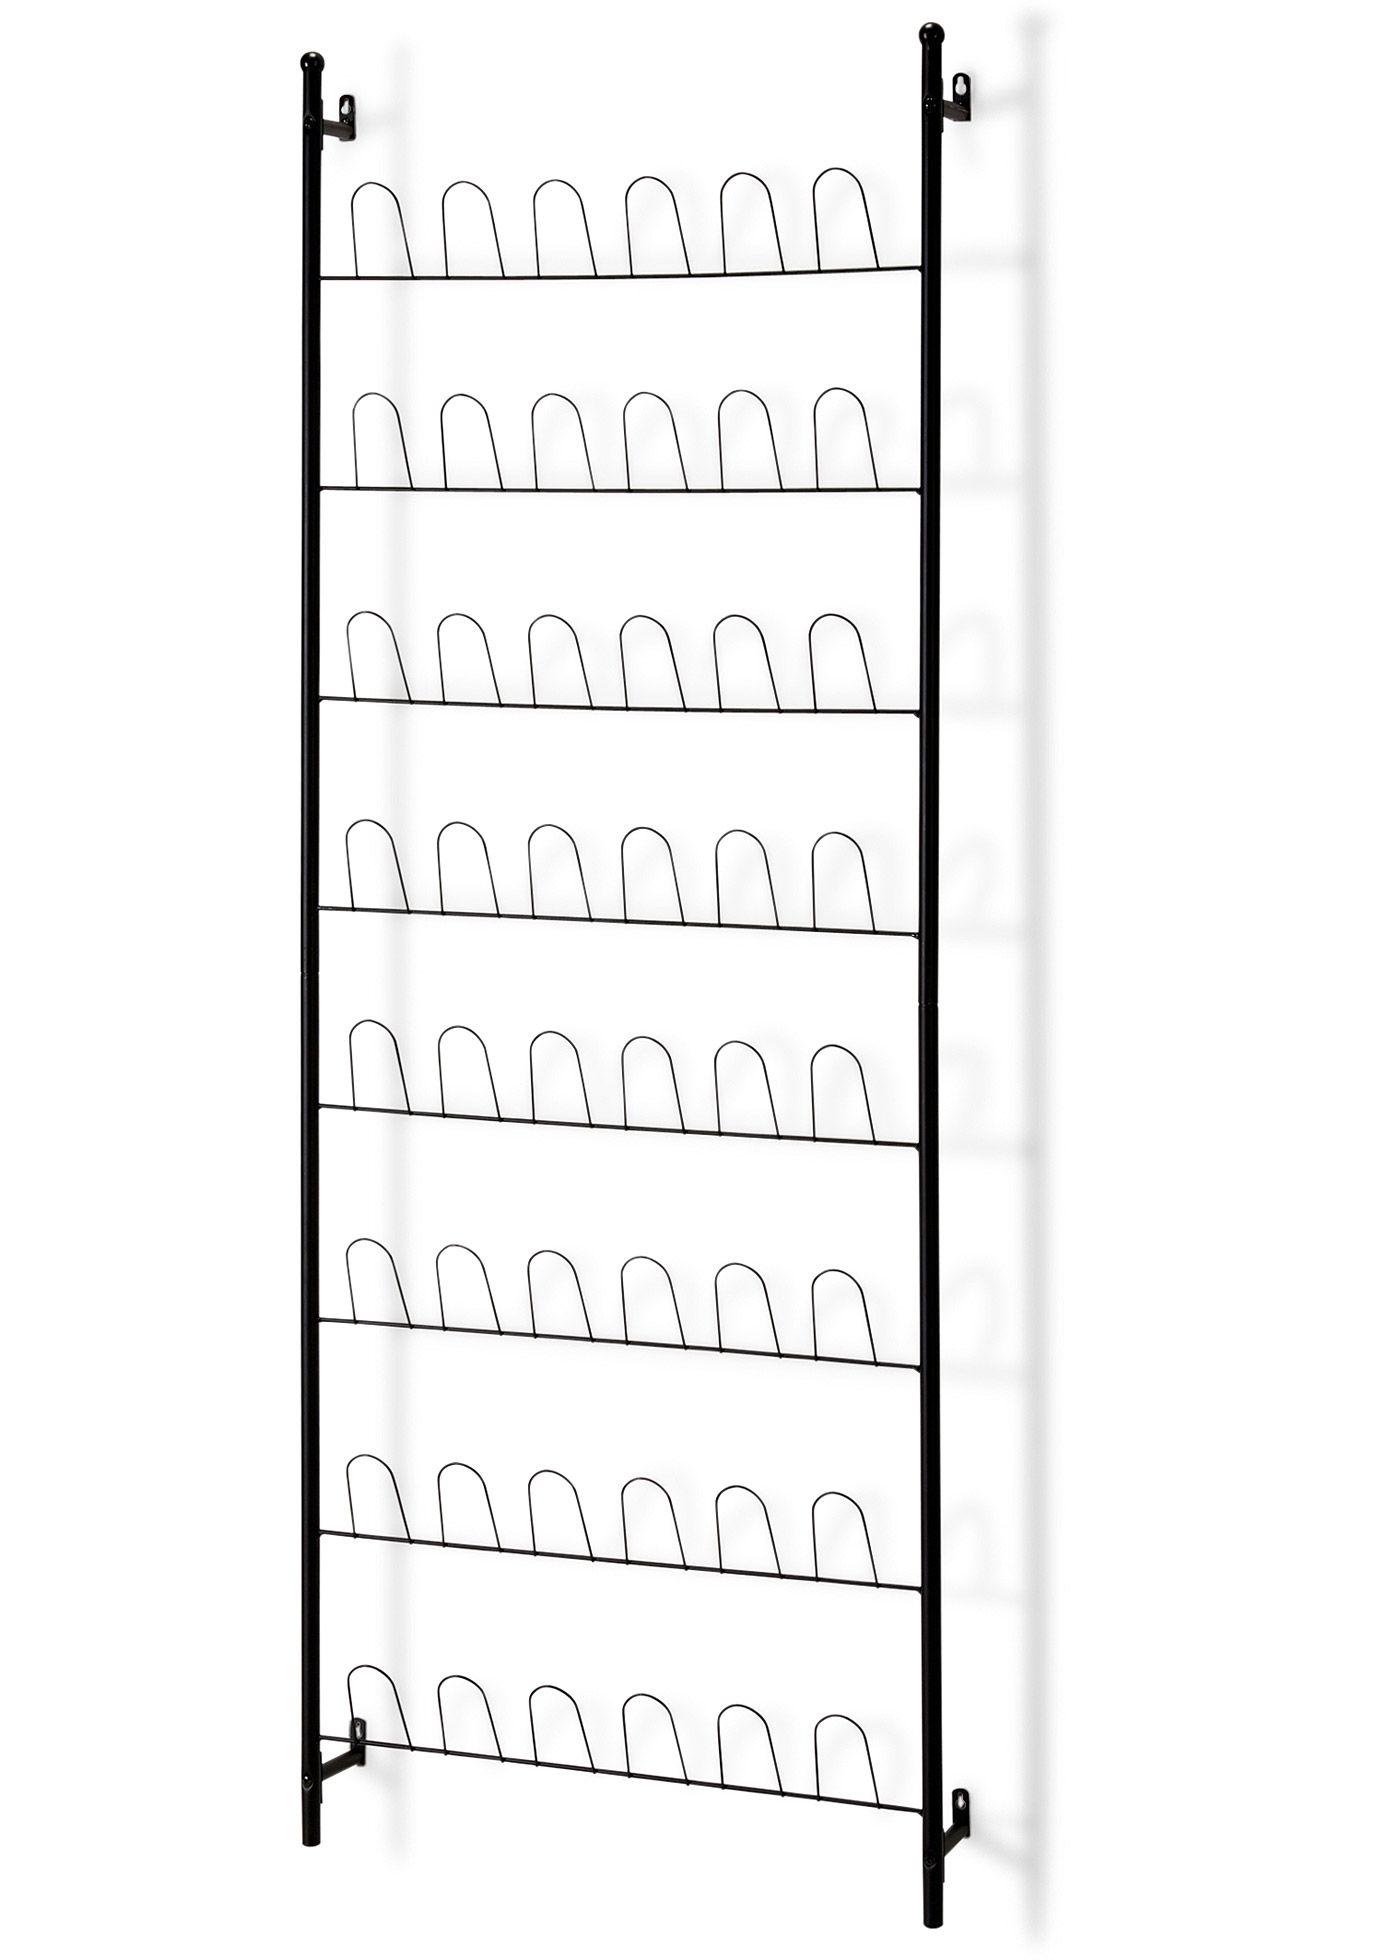 Guarda qui un 39 ottima idea salvaspazio pratica rastrelliera portascarpe da appendere alla porta - Portascarpe da appendere ...